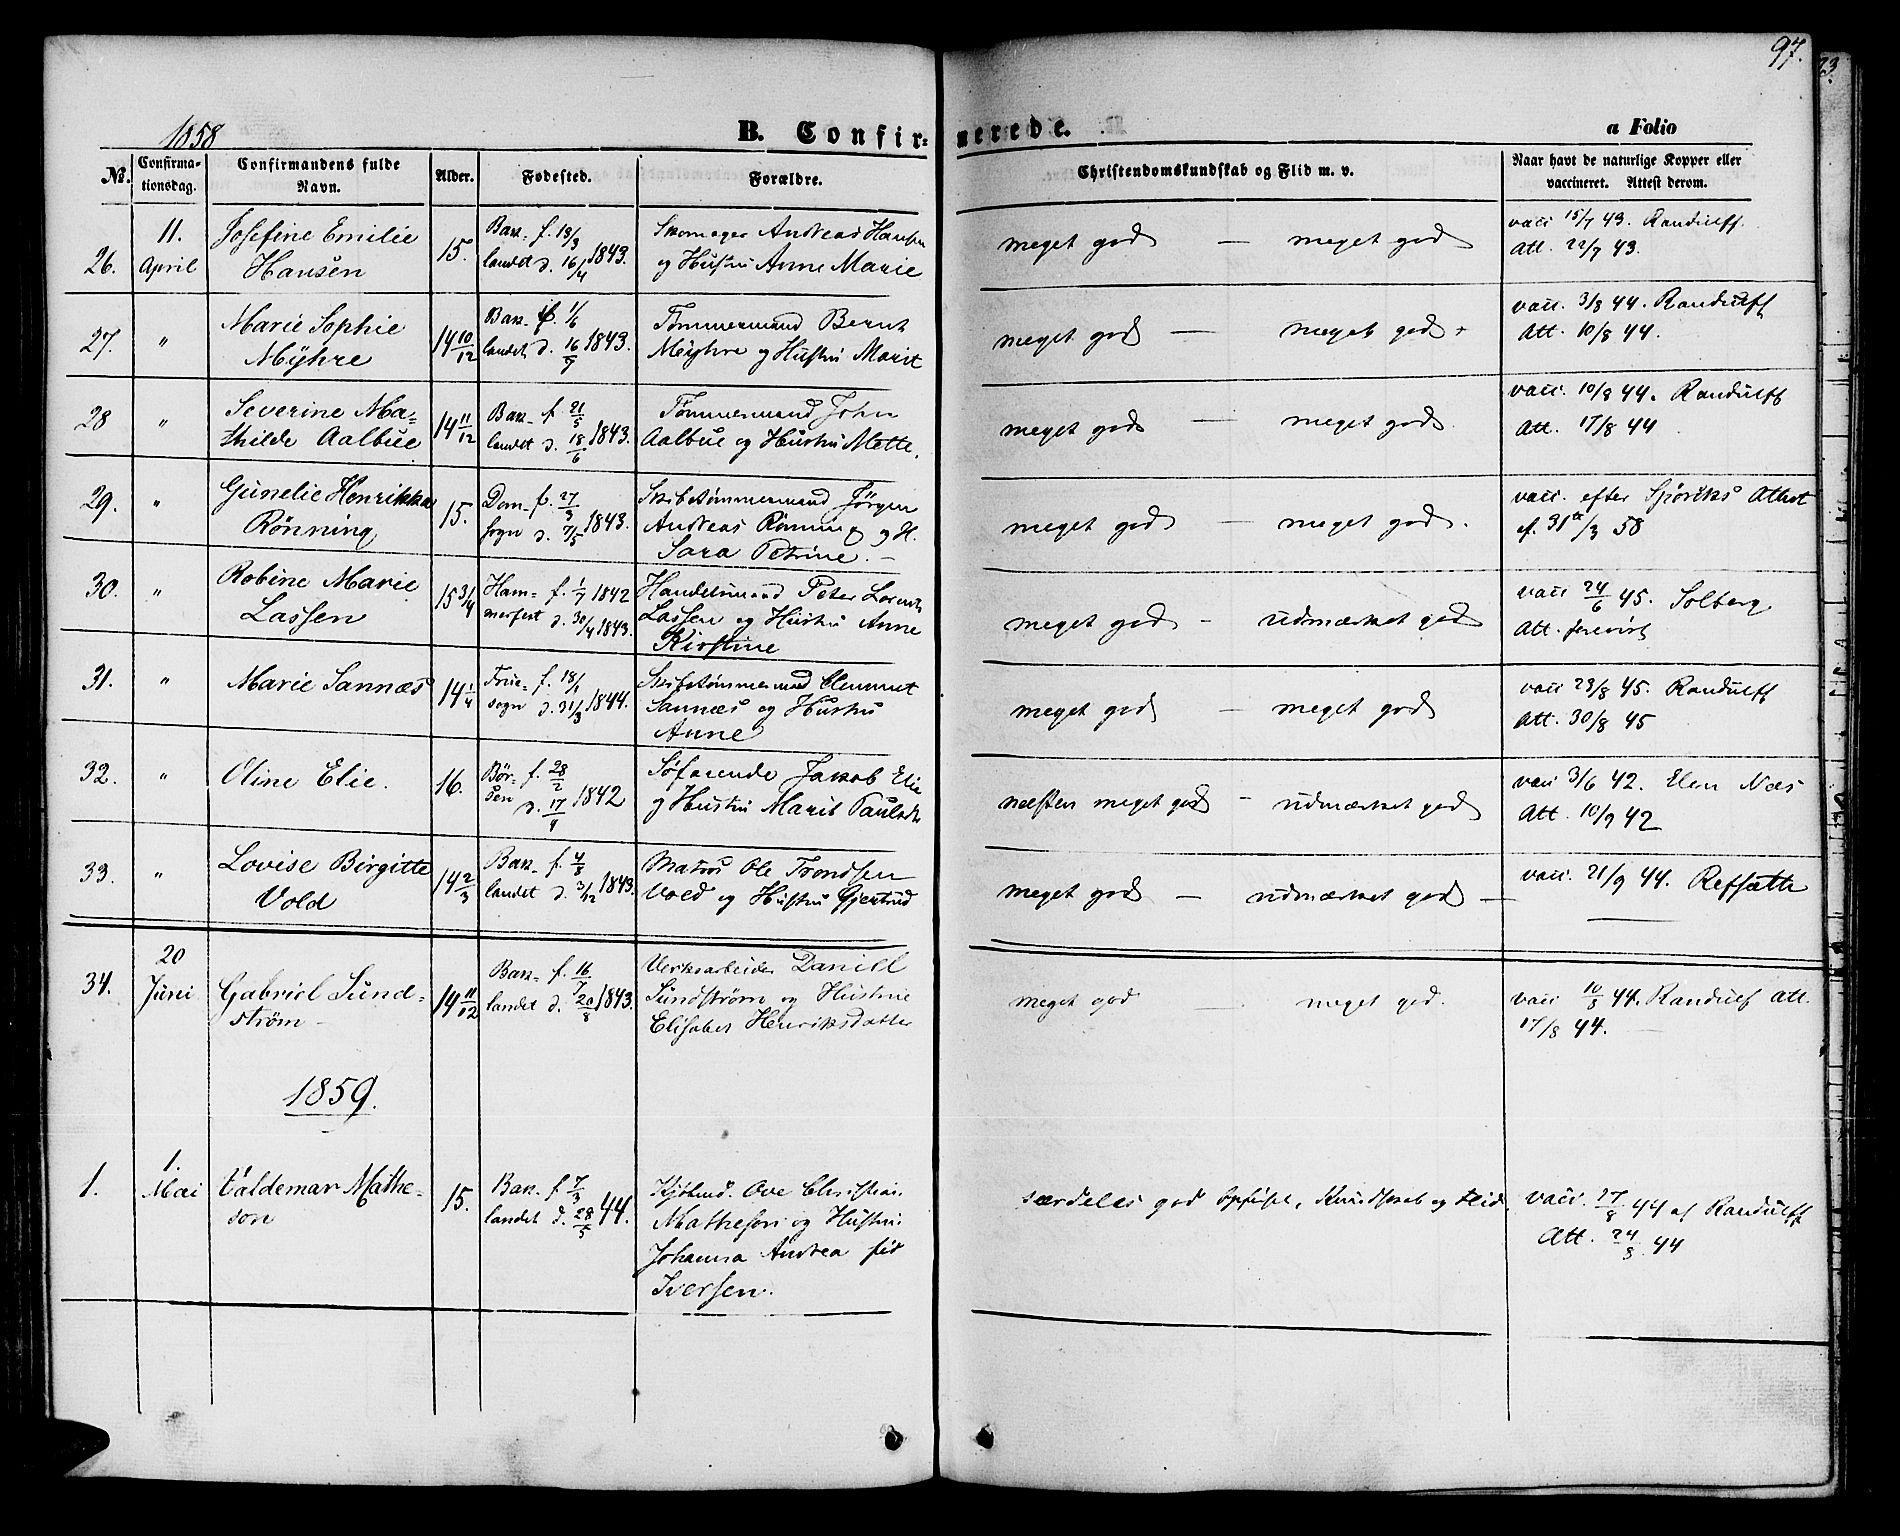 SAT, Ministerialprotokoller, klokkerbøker og fødselsregistre - Sør-Trøndelag, 604/L0184: Ministerialbok nr. 604A05, 1851-1860, s. 97